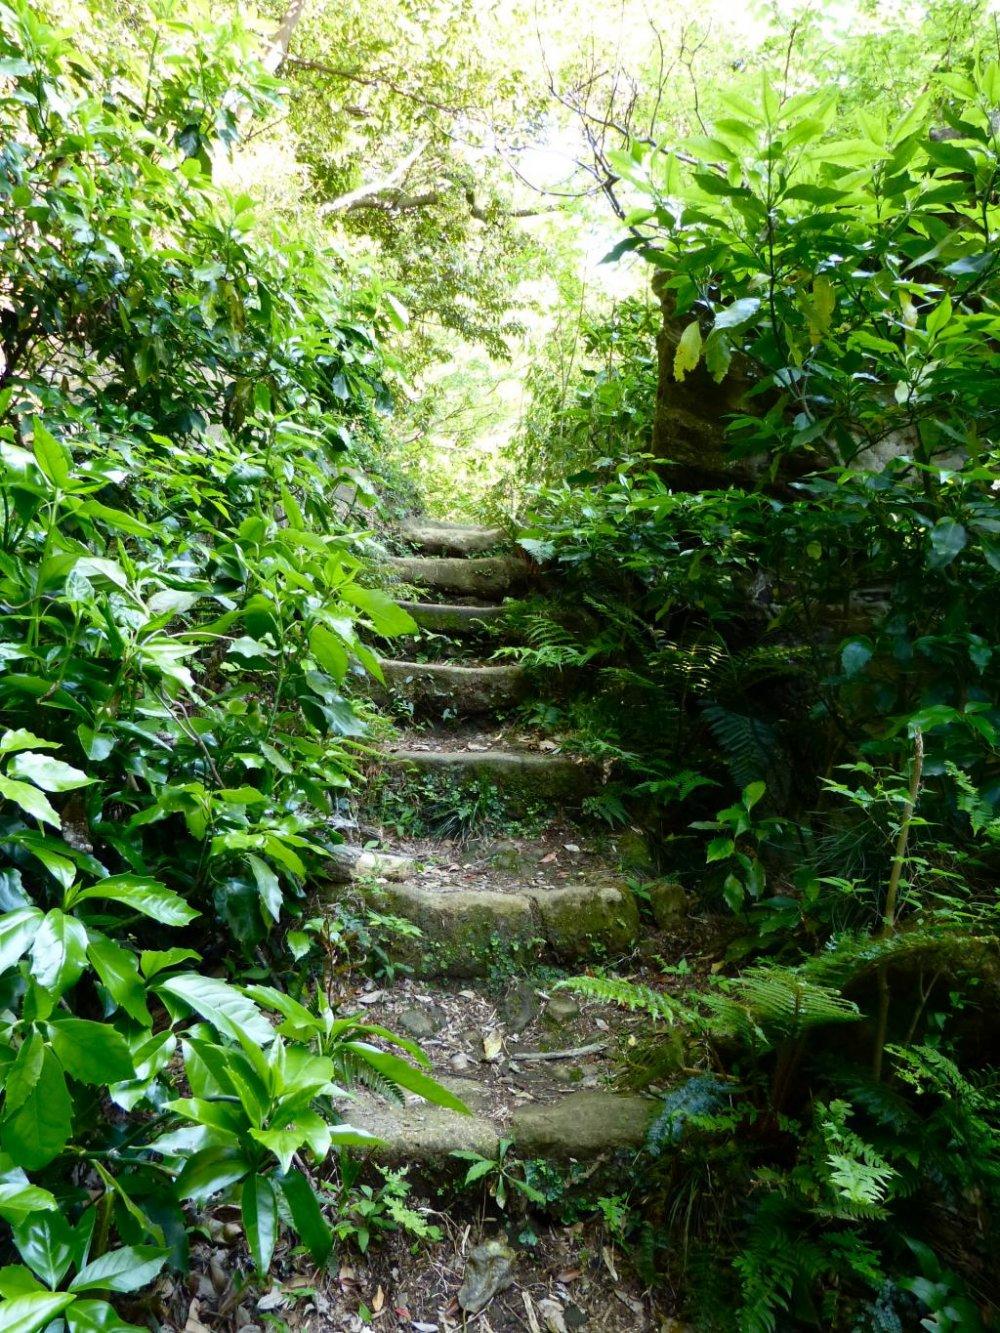 Kamakura Kinubariyama Hiking Trail Kanagawa Japan